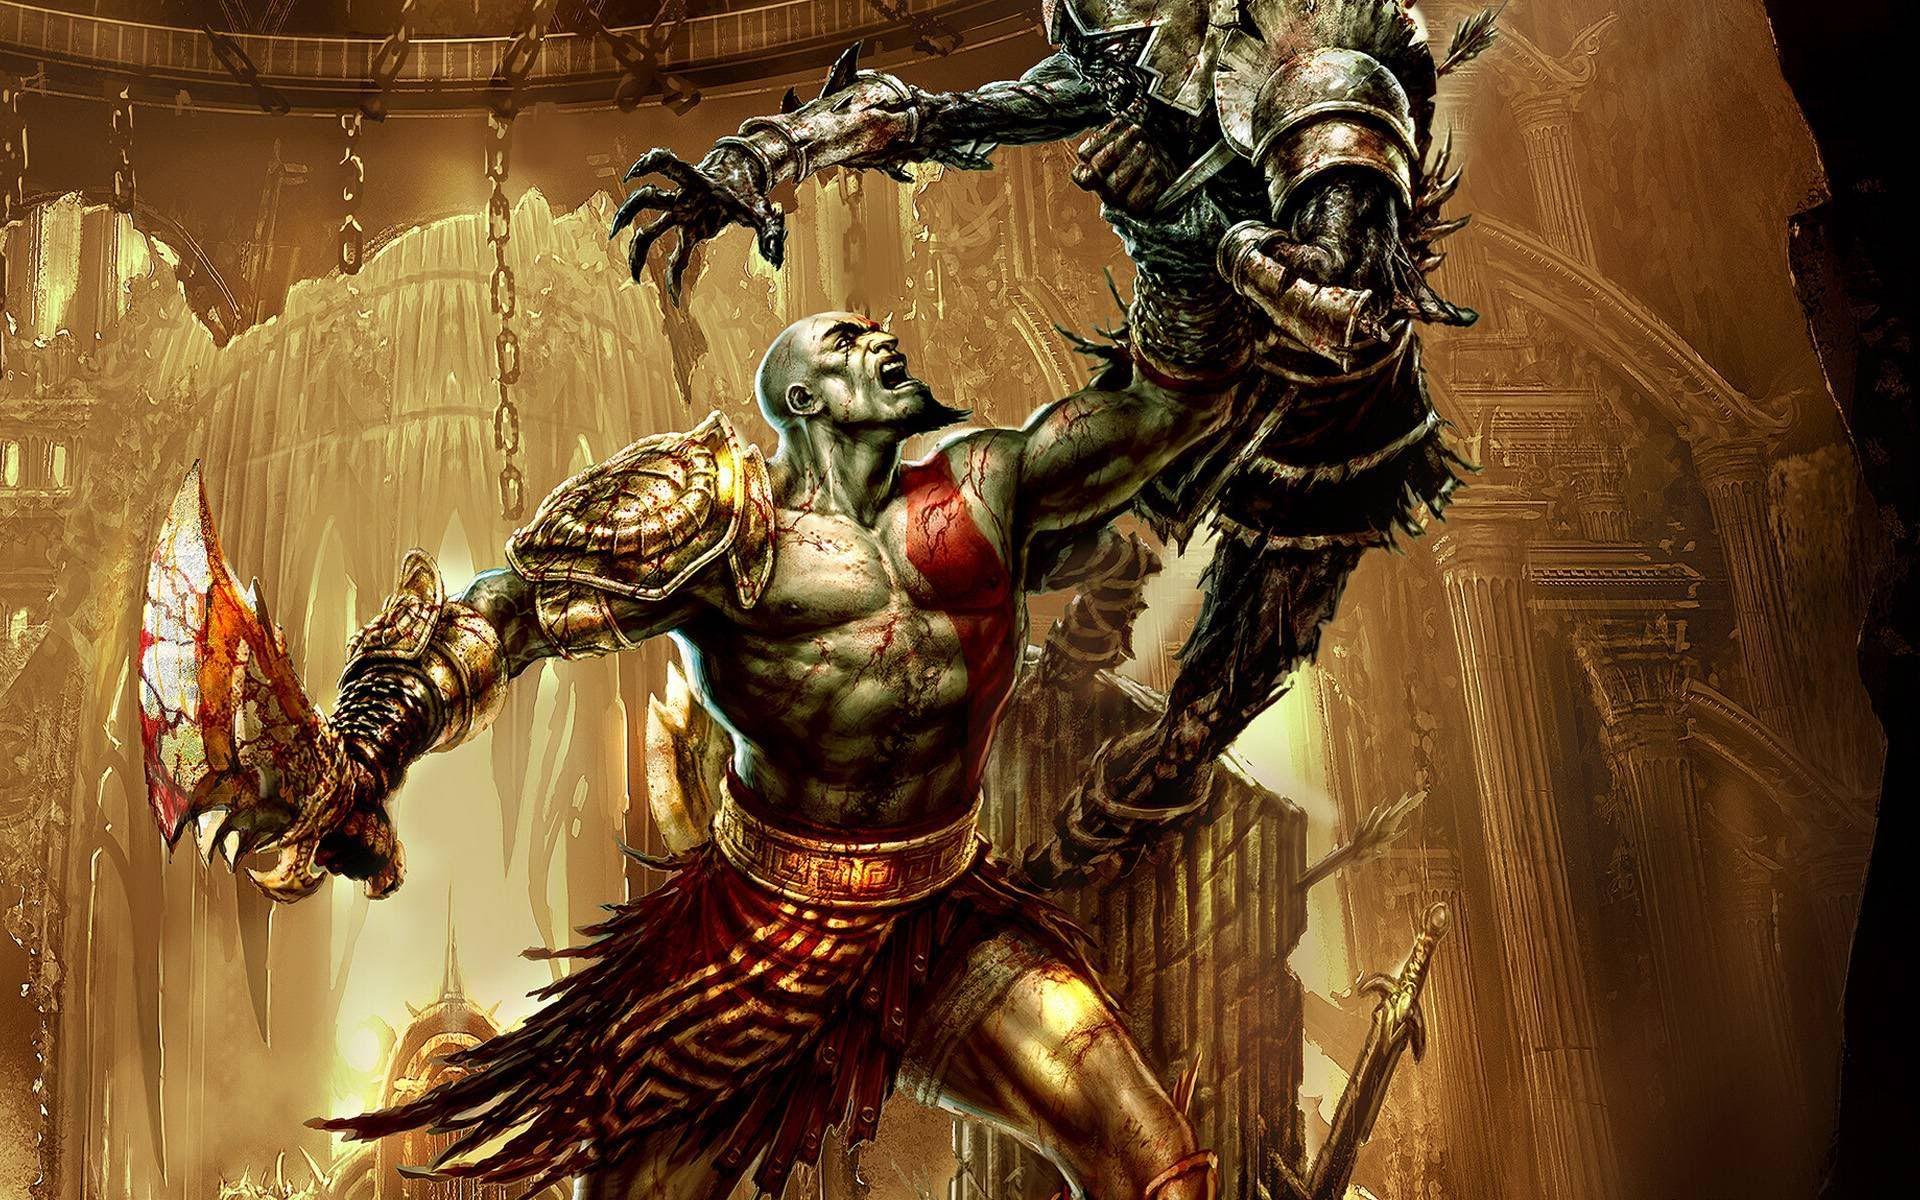 Pin Von Heath Mcadams Auf Games God Of War Hintergrundbilder Hintergrundbilder Hd